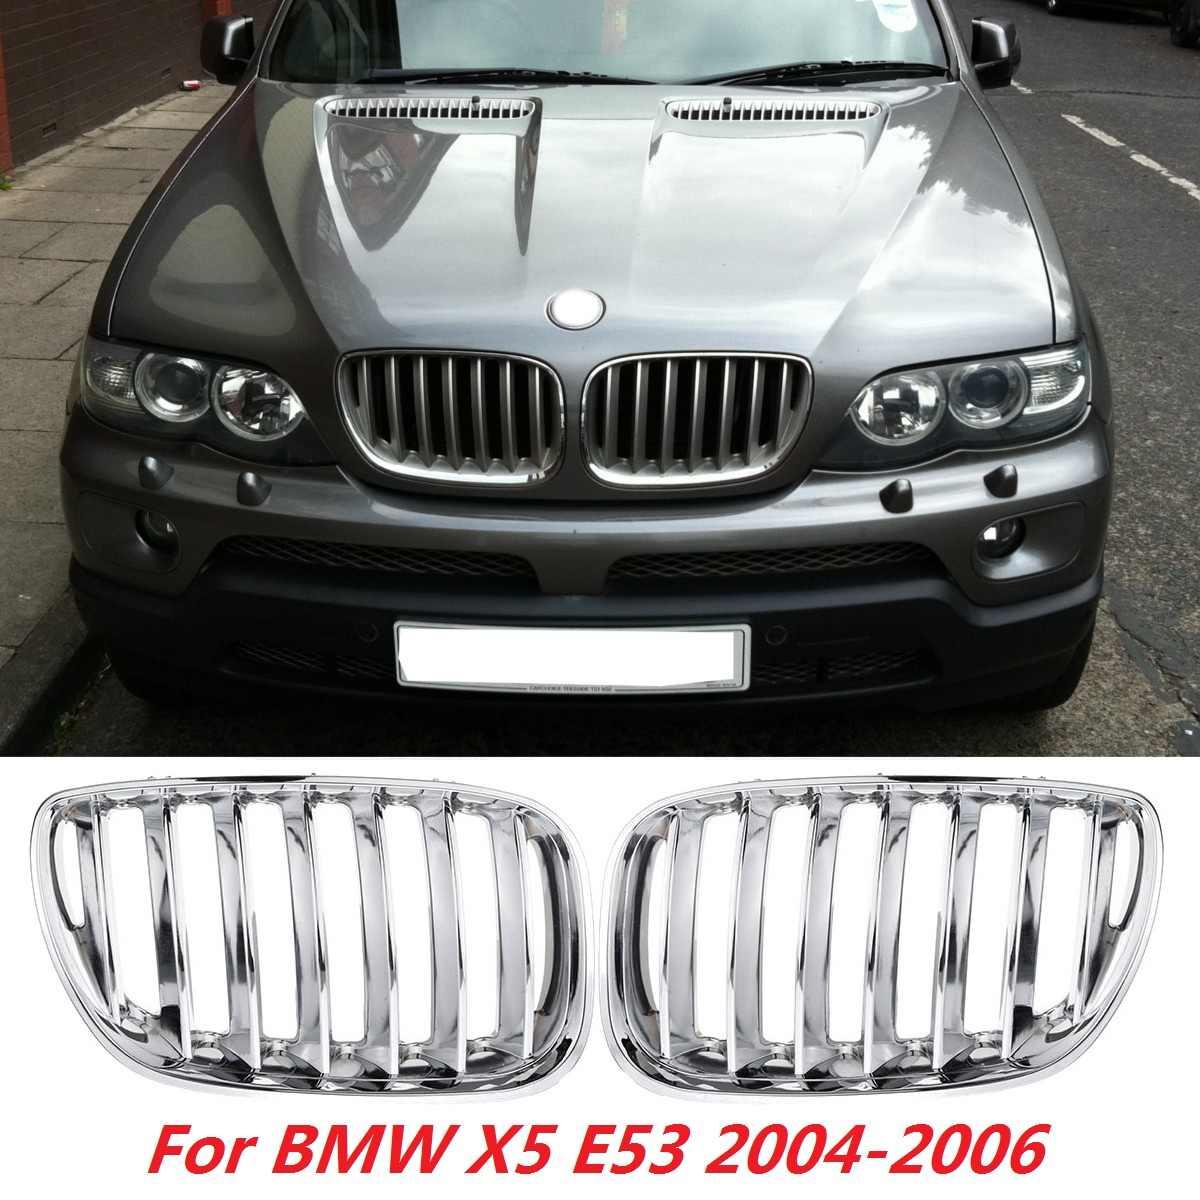 Pareo negro mate cromado frontal de la rejilla de rejillas deportivas del riñon para BMW X5 E53 2004-2006 parrilla delantera del parachoques del coche